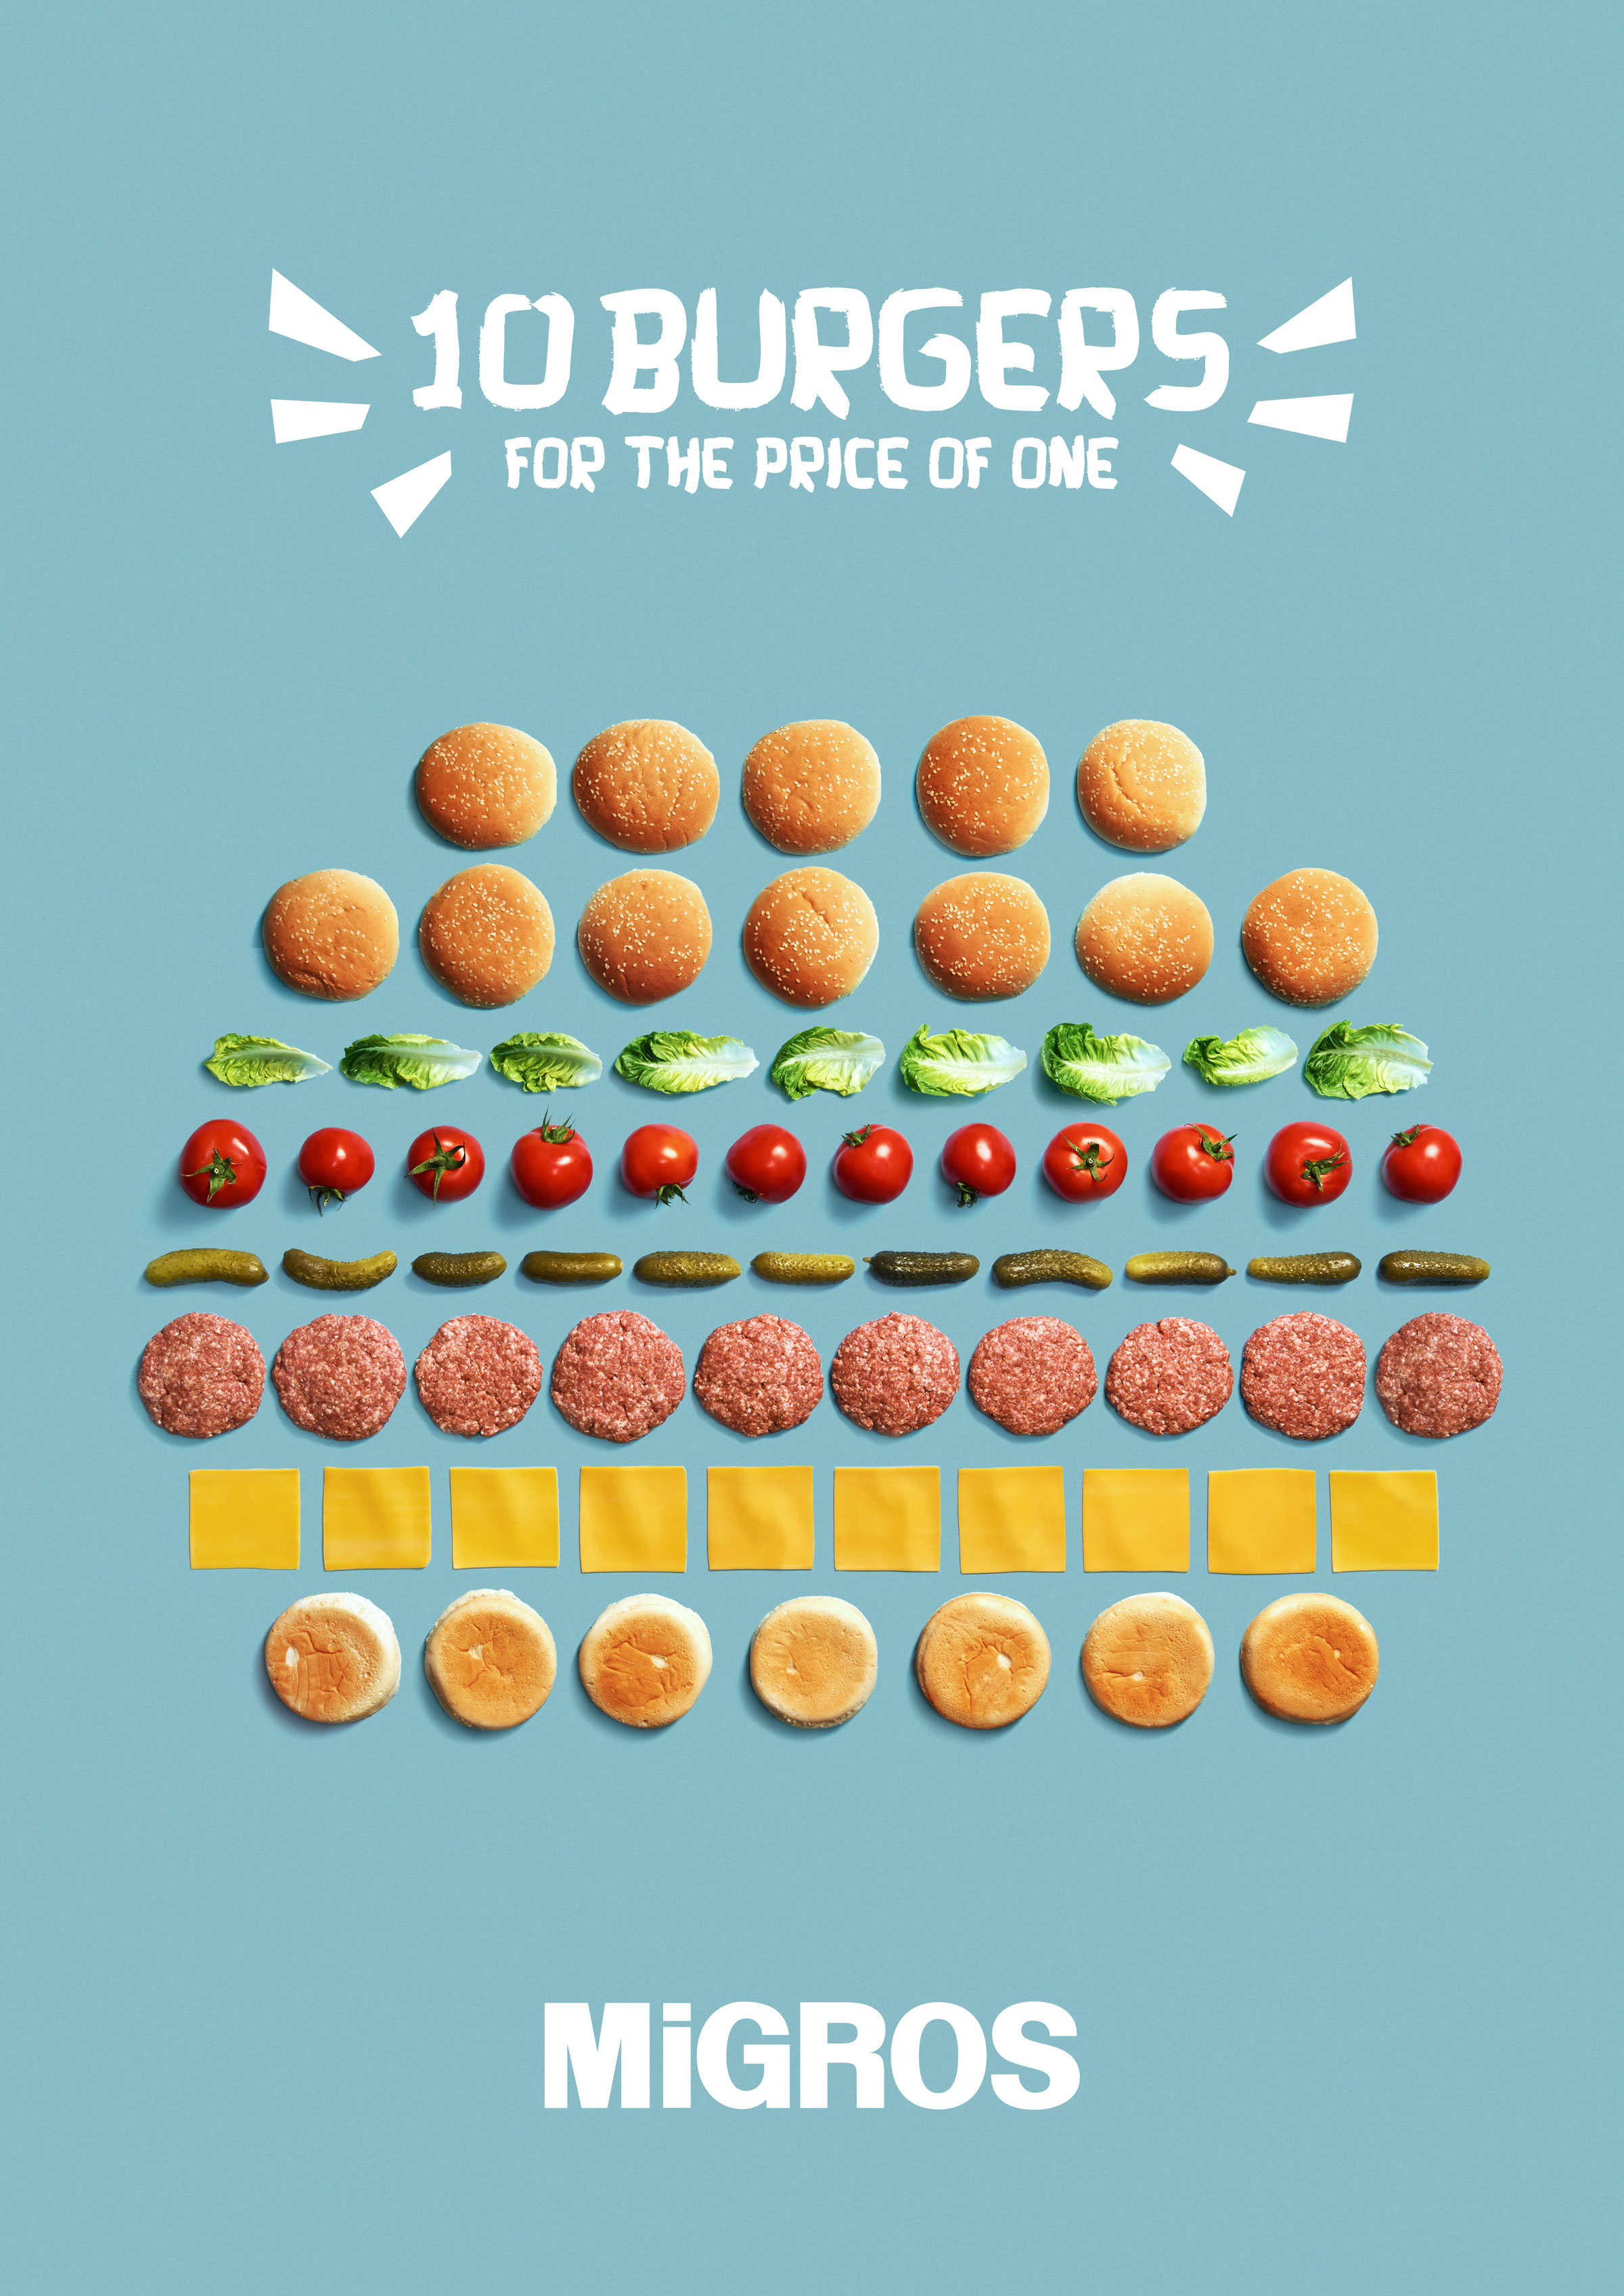 migros-reklamı-reklamlar-türkiyenin-reklamları-reklam-ajansı-alışveriş-gıda-hamburger-mc-donalds-burger-king